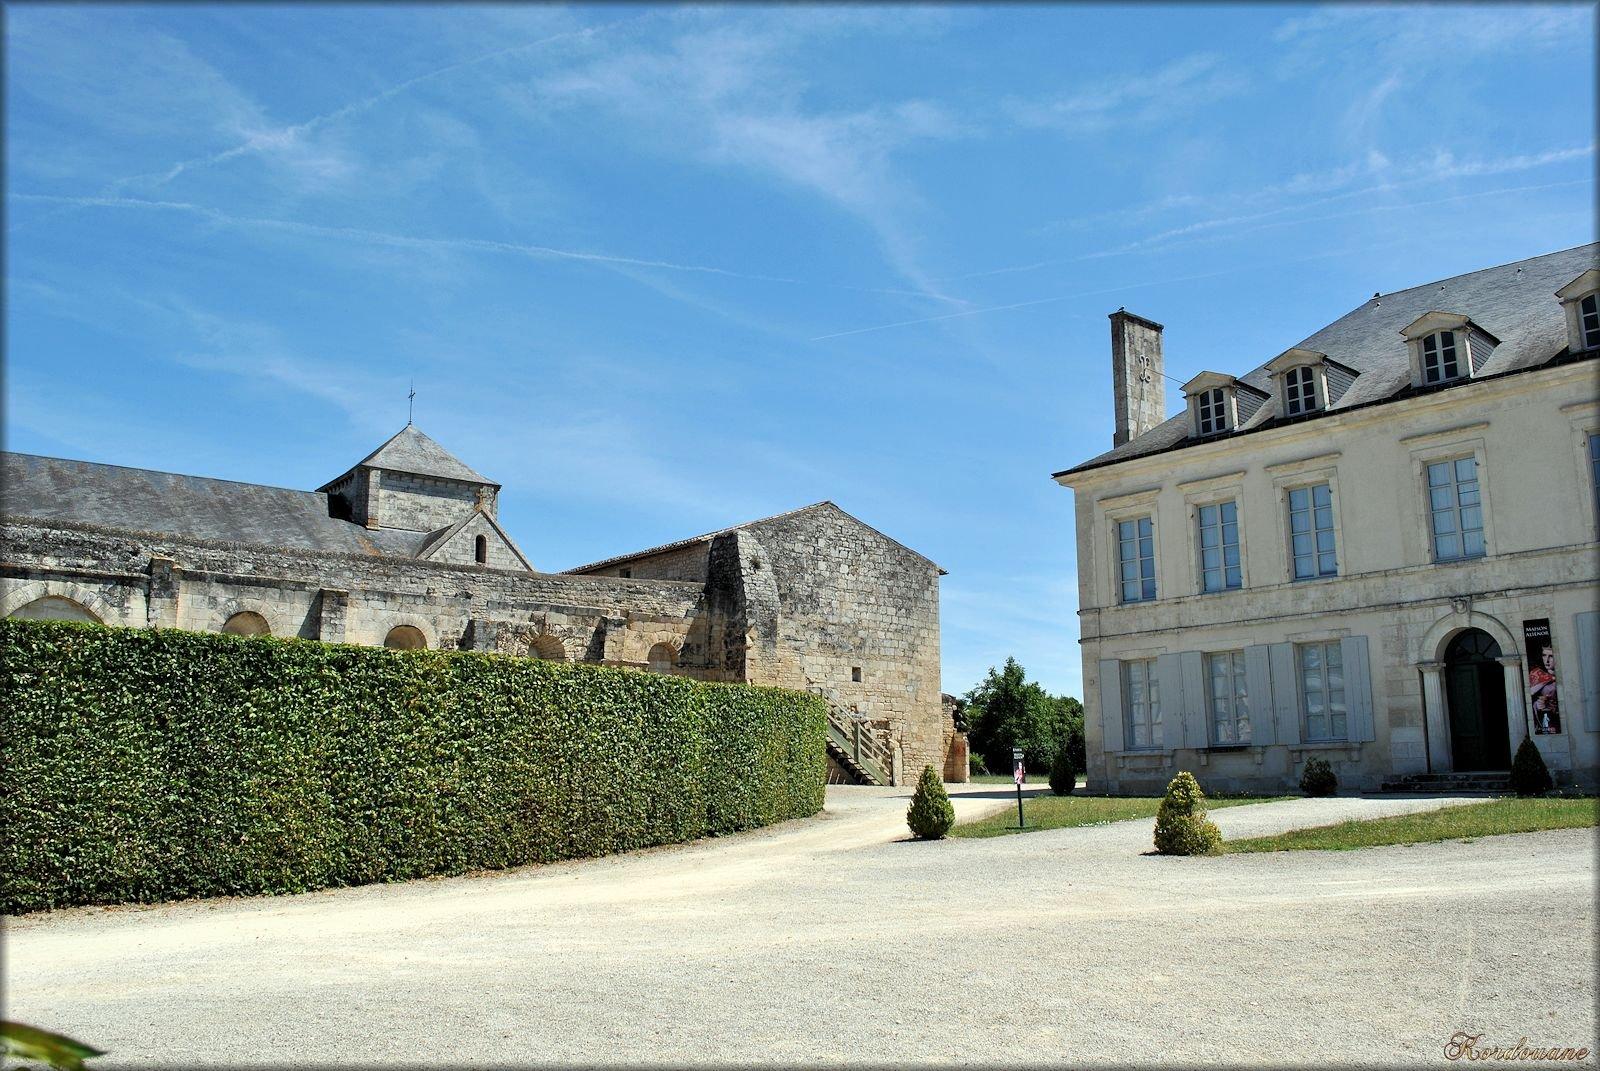 Abbaye de nieul sur l 39 autise les photos de kordouane for Maisons alienor